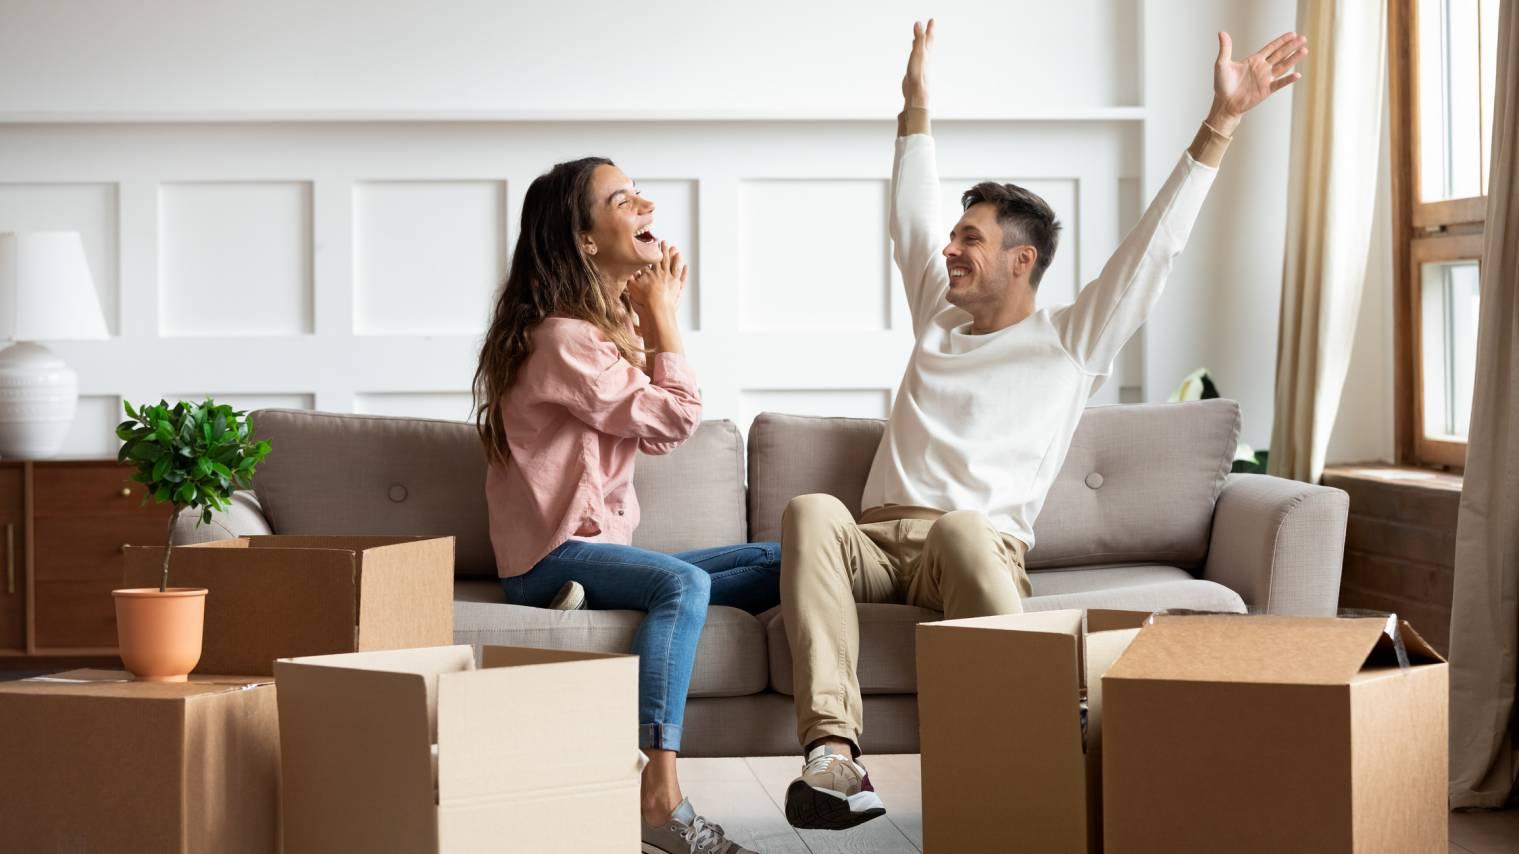 Comment simuler un prix de déménagement